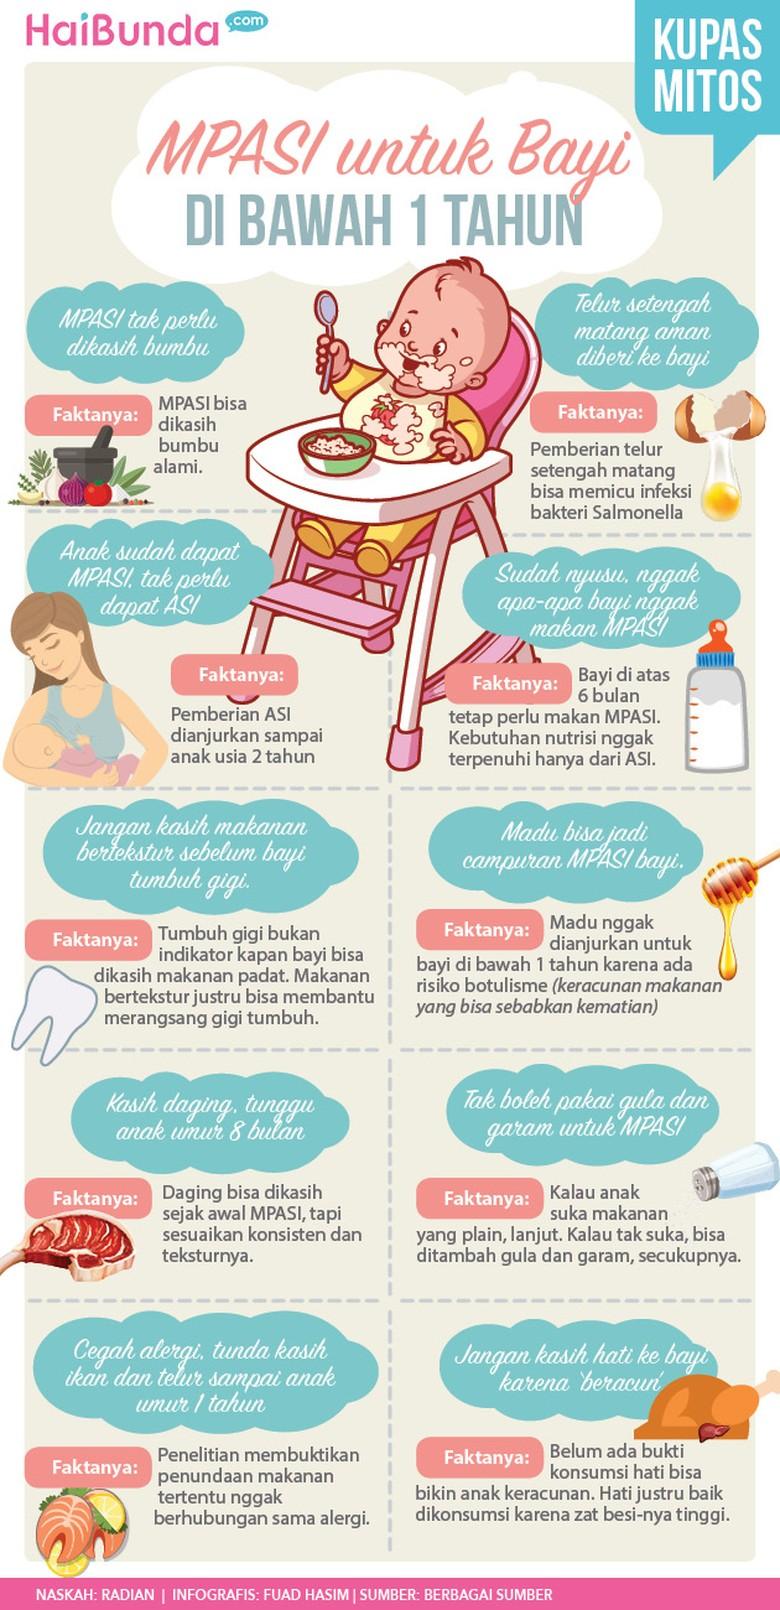 Bongkar Mitos Pemberian MPASI untuk Anak di Bawah 1 Tahun/ Foto: Infografis